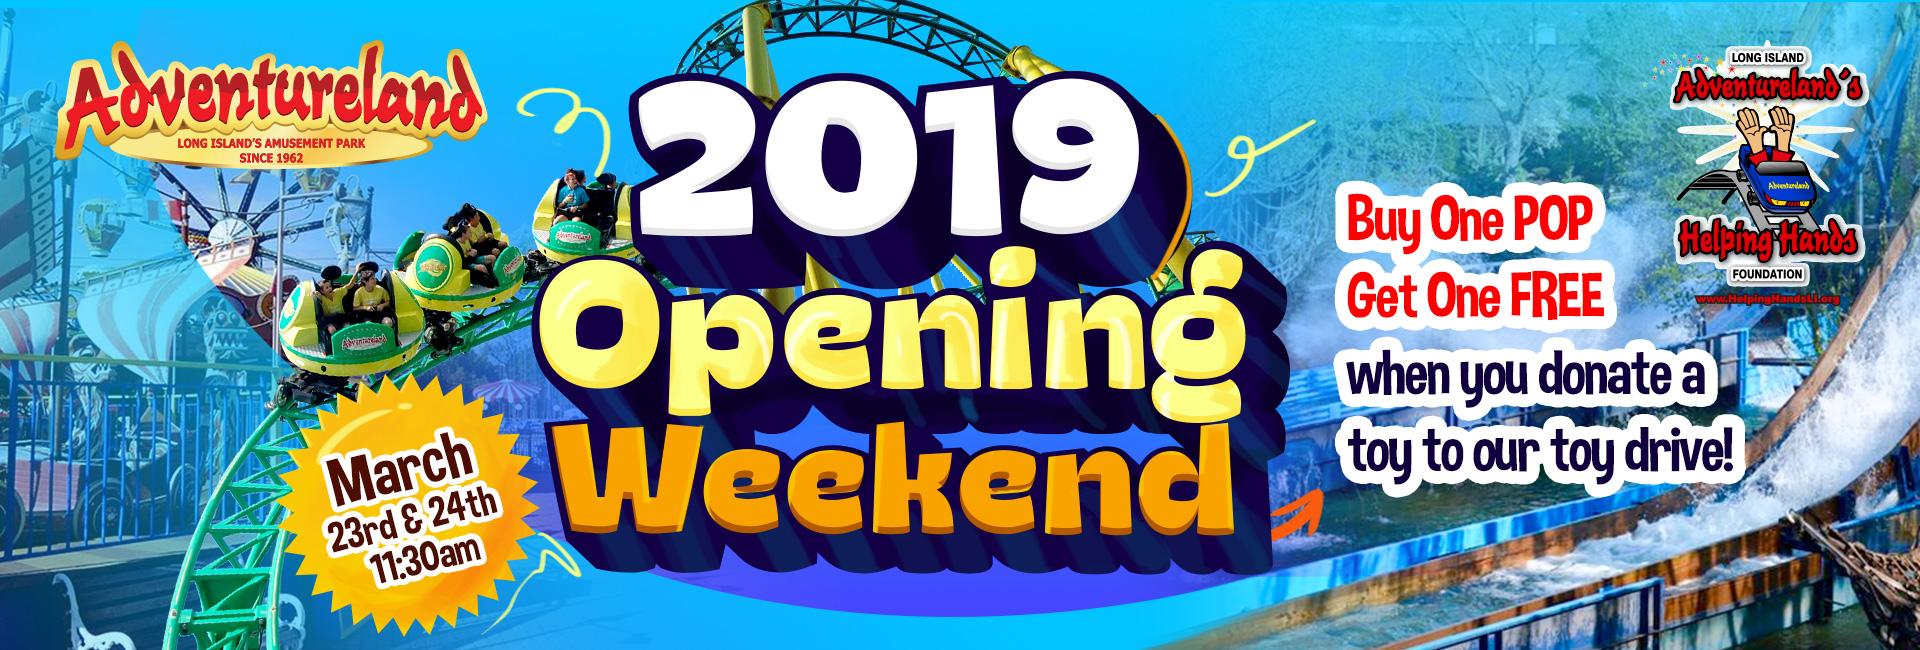 2019 Opening Weekend